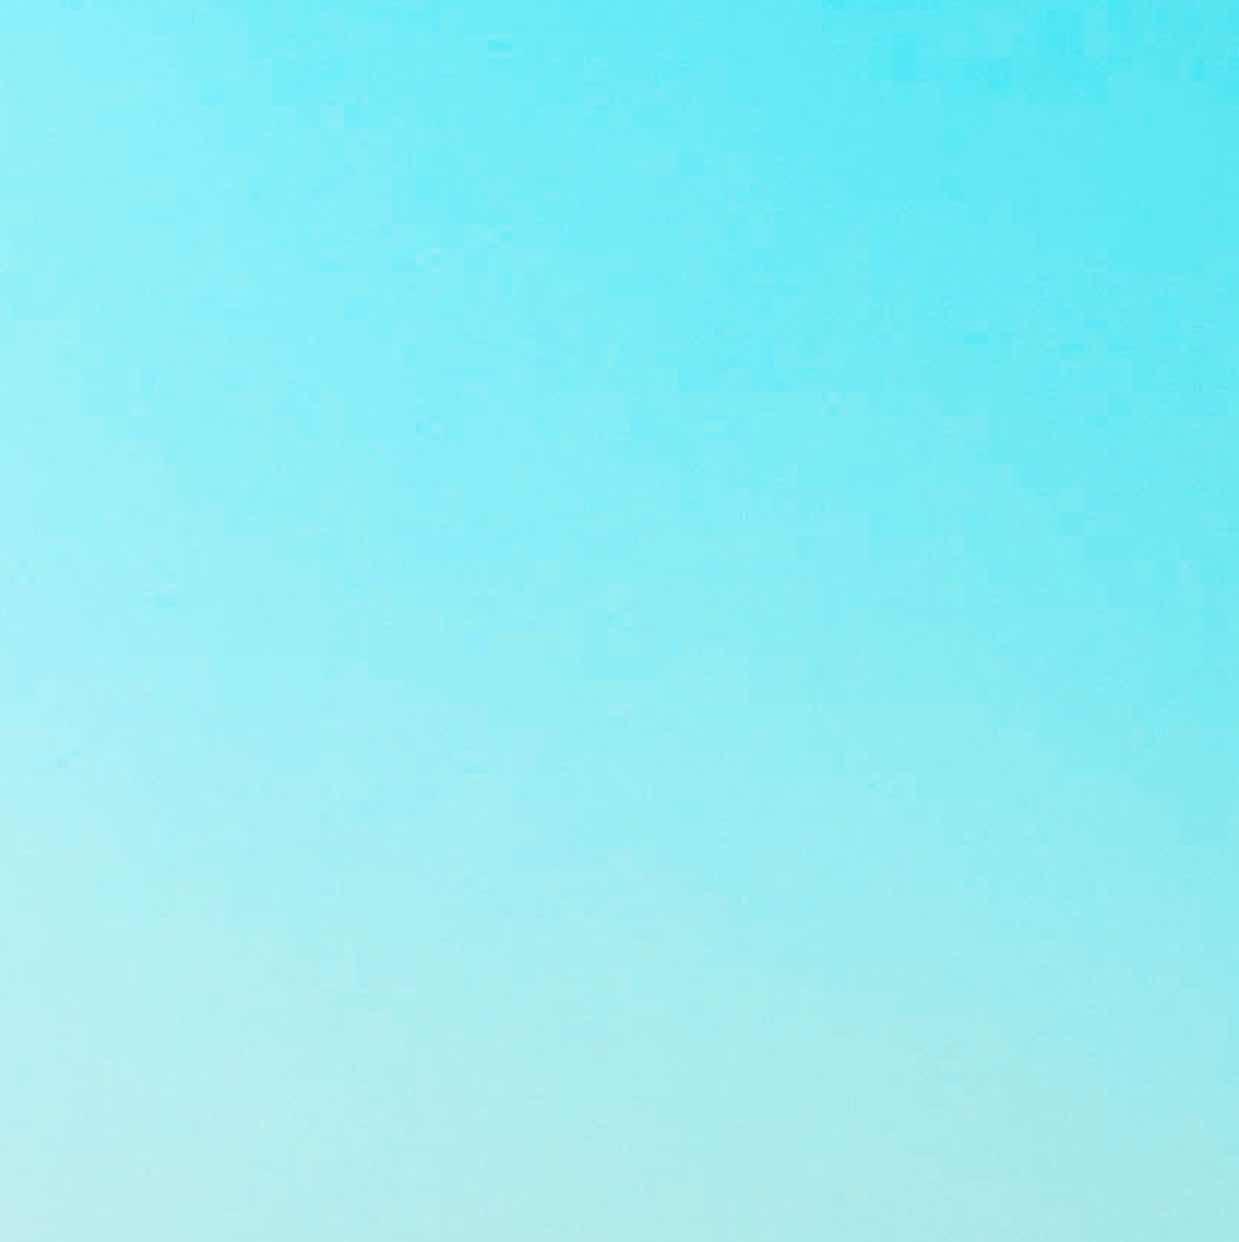 上海-张鹏